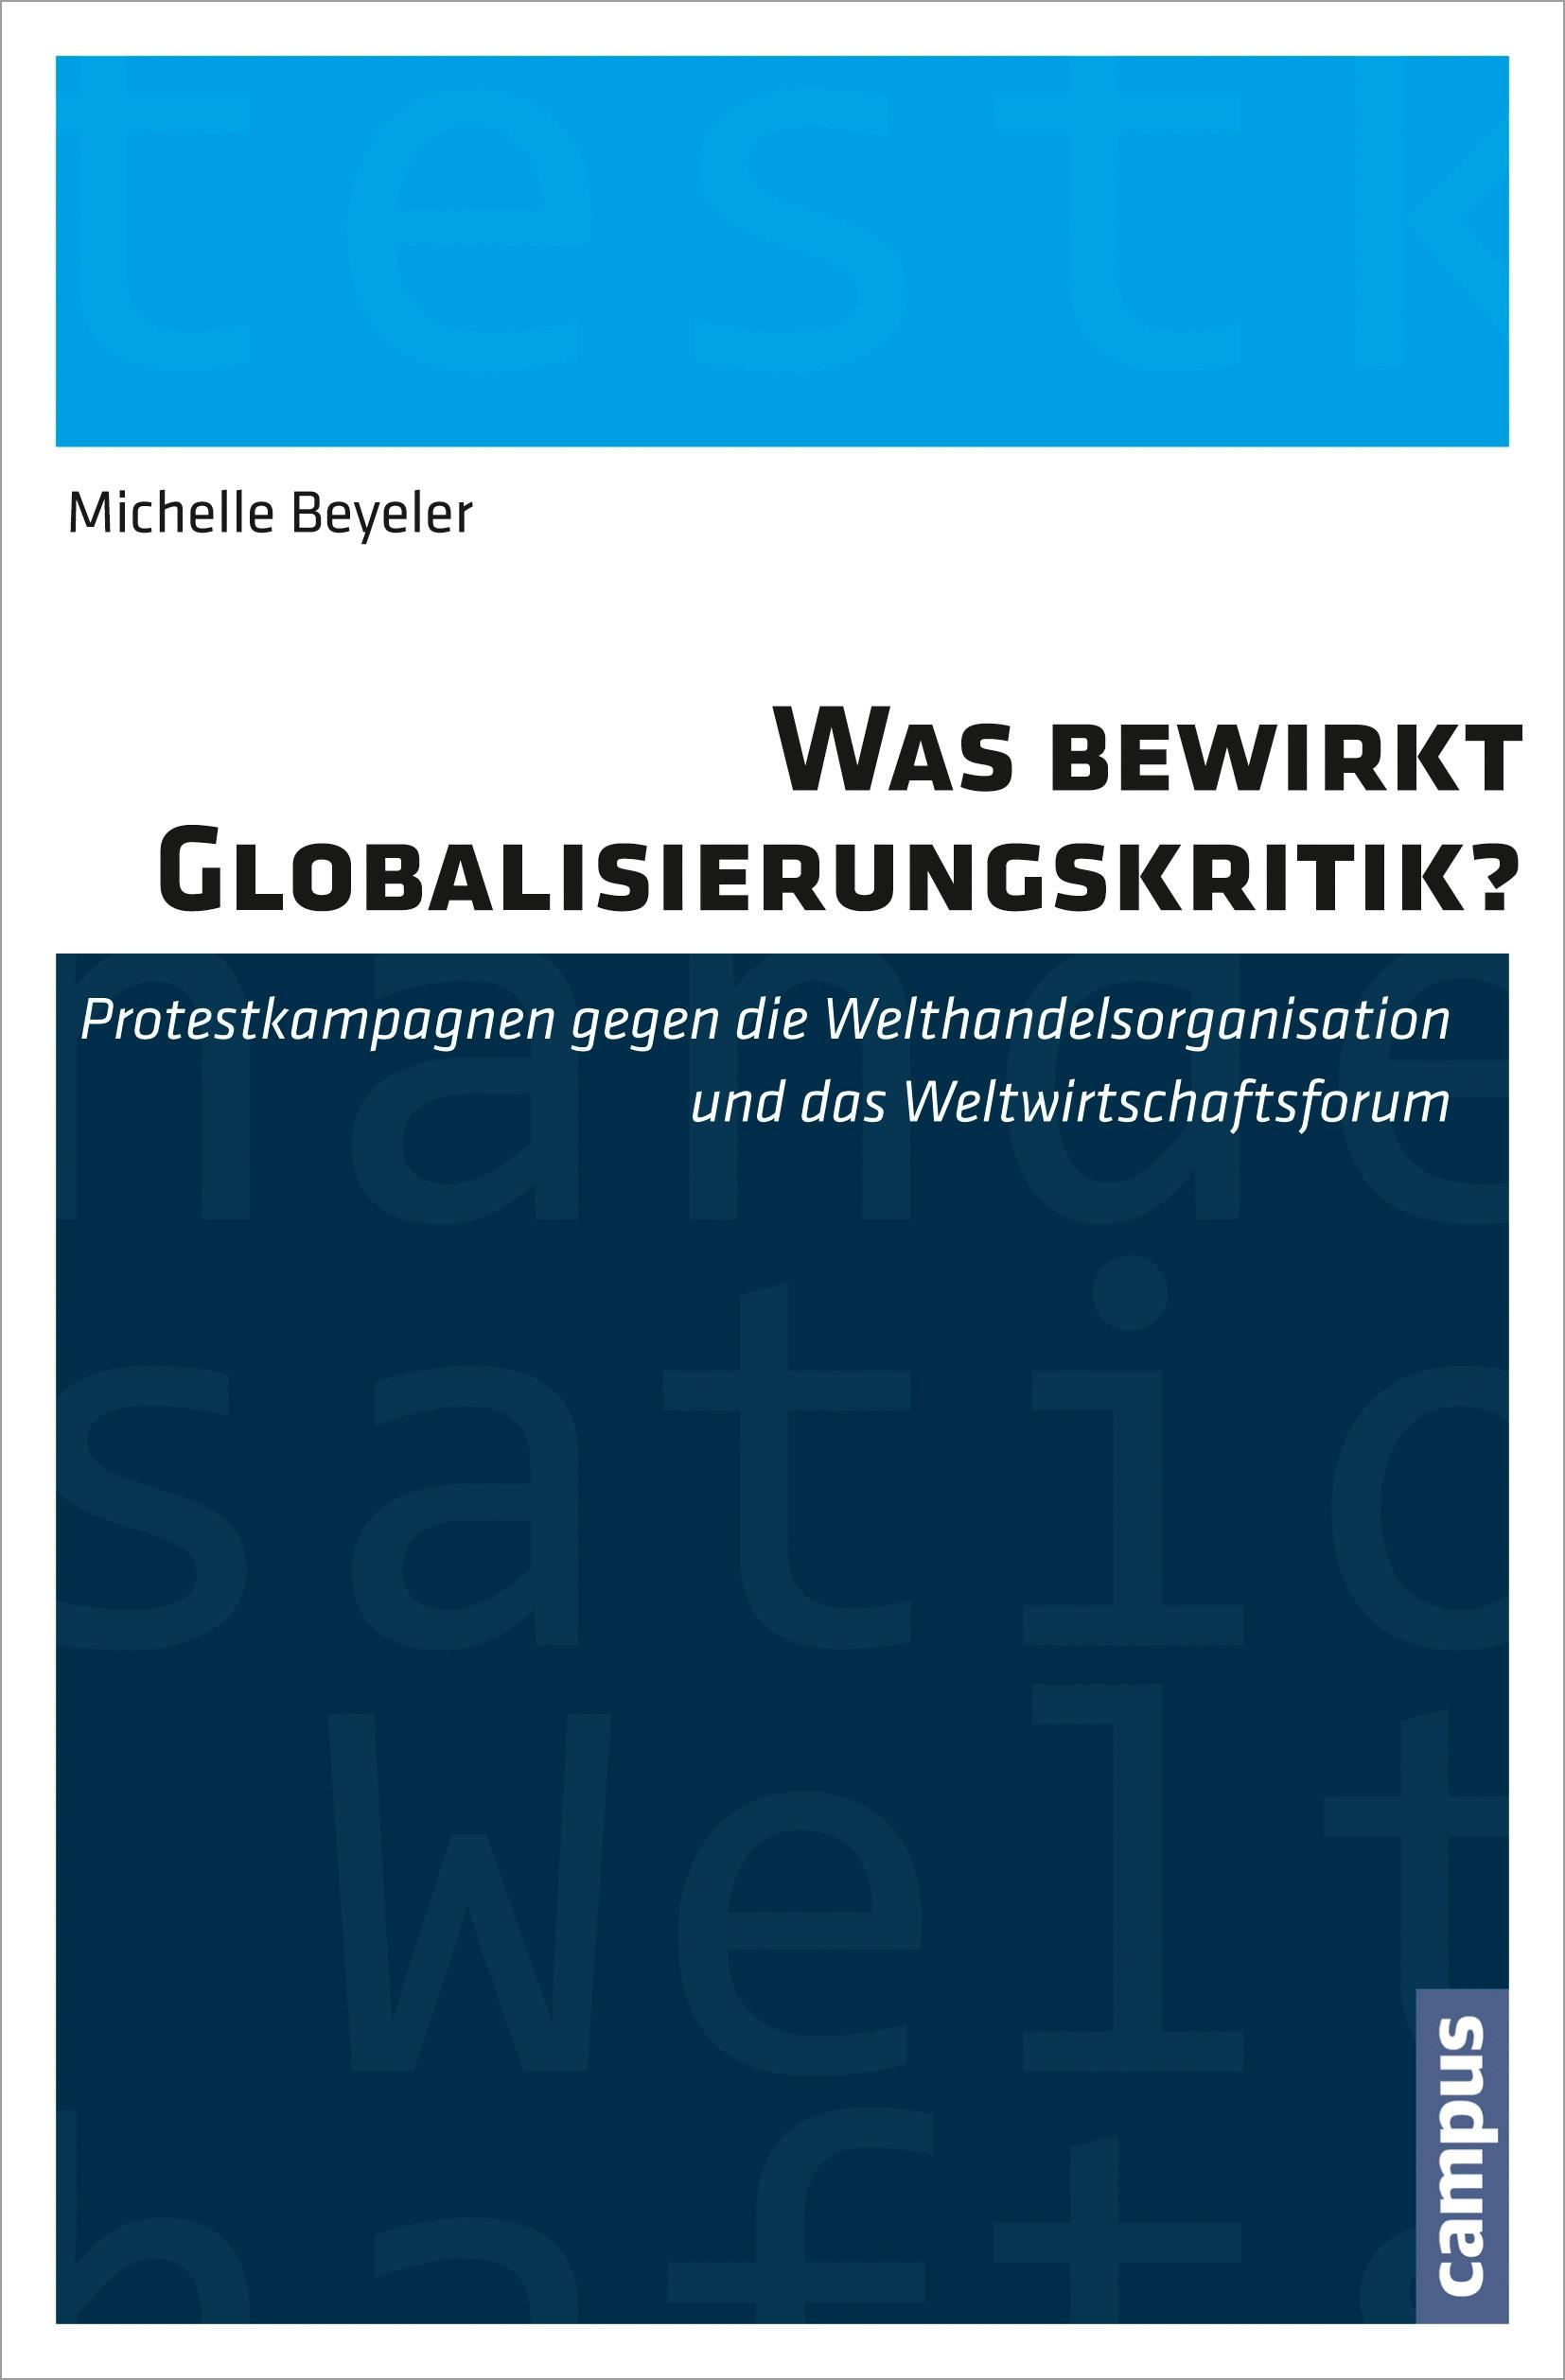 Abbildung von Beyeler | Was bewirkt Globalisierungskritik? | 2013